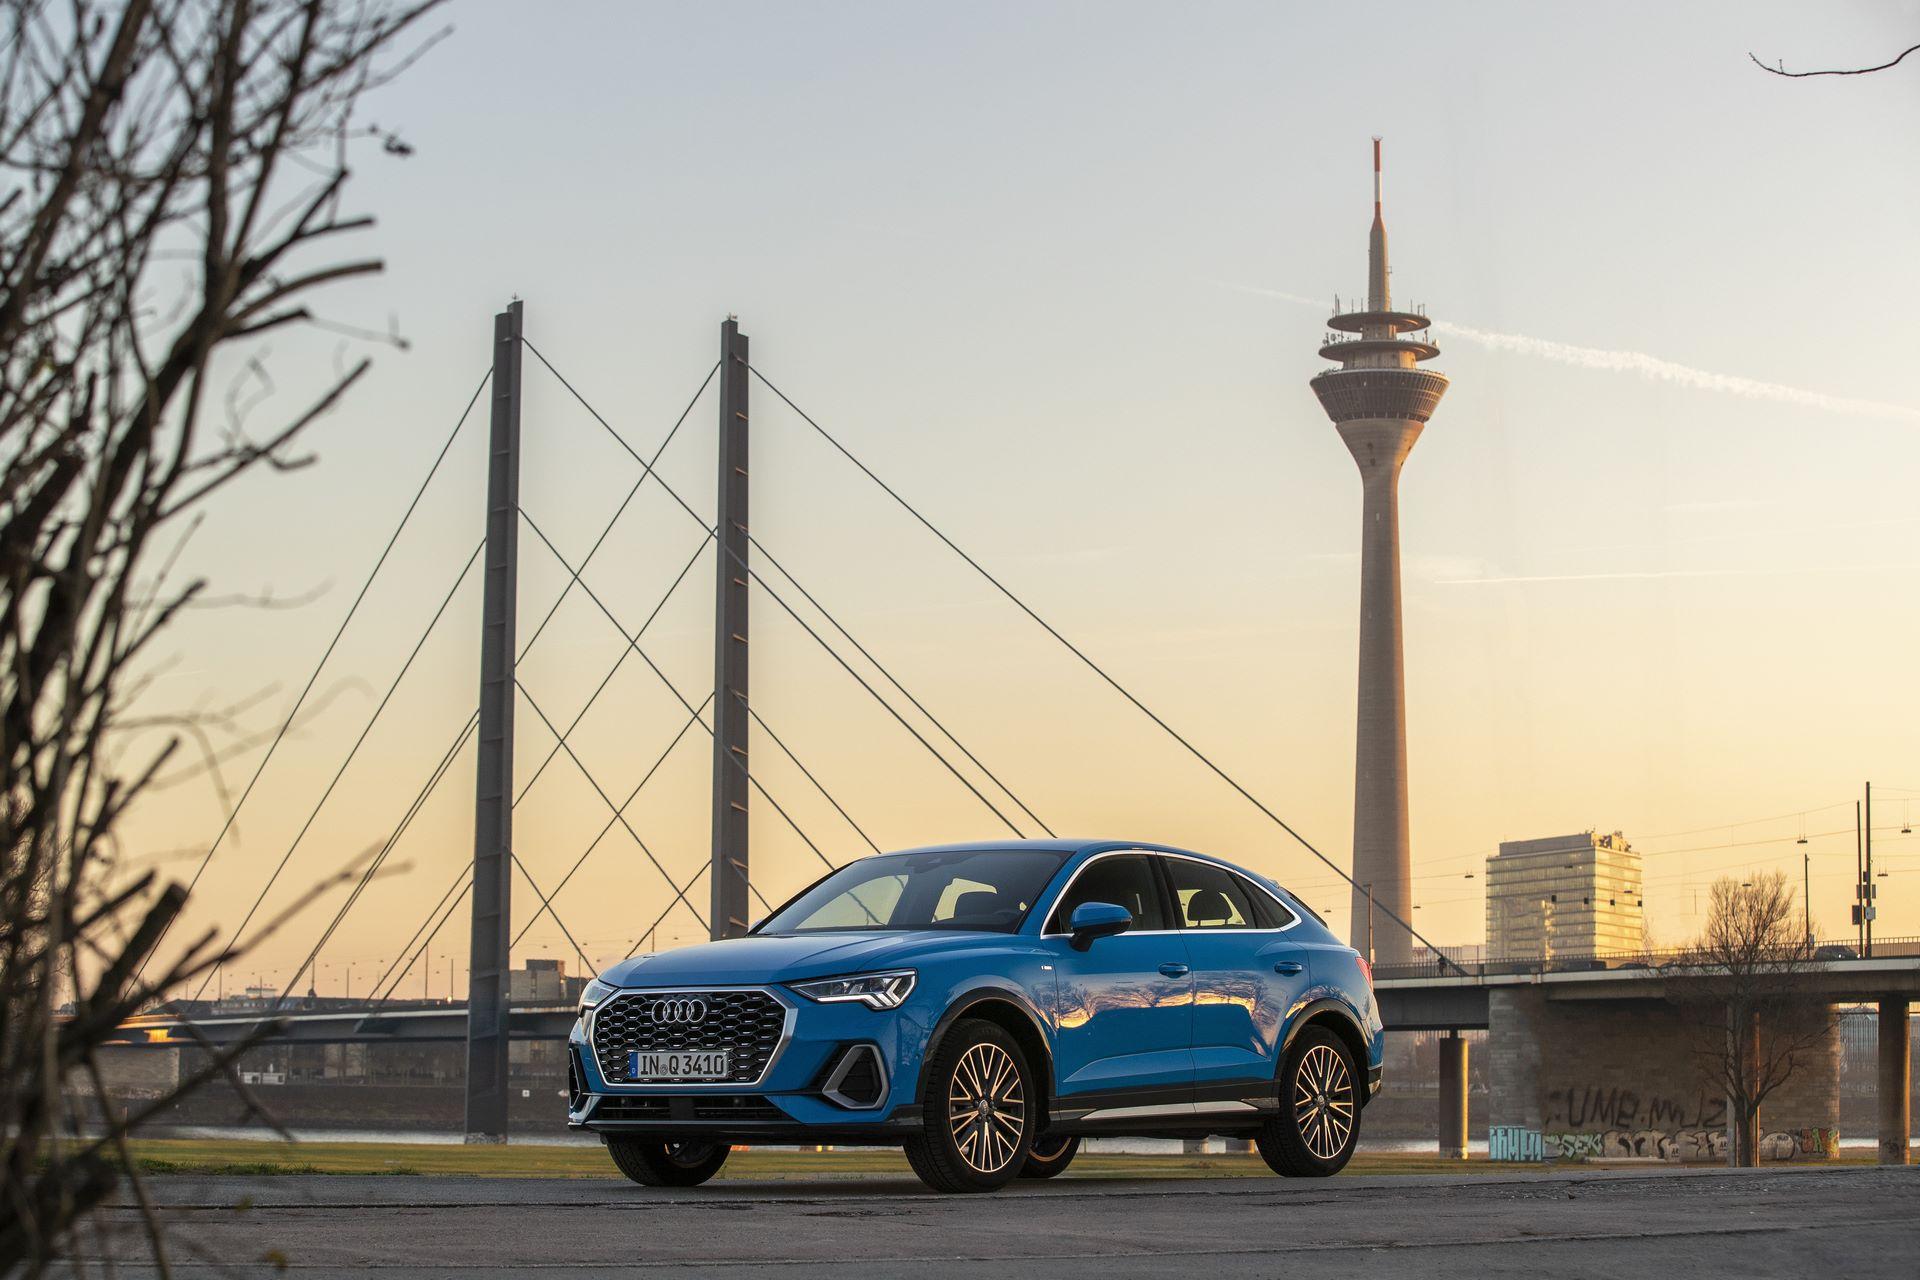 Audi-Traffic-Light-Dusseldorf-3